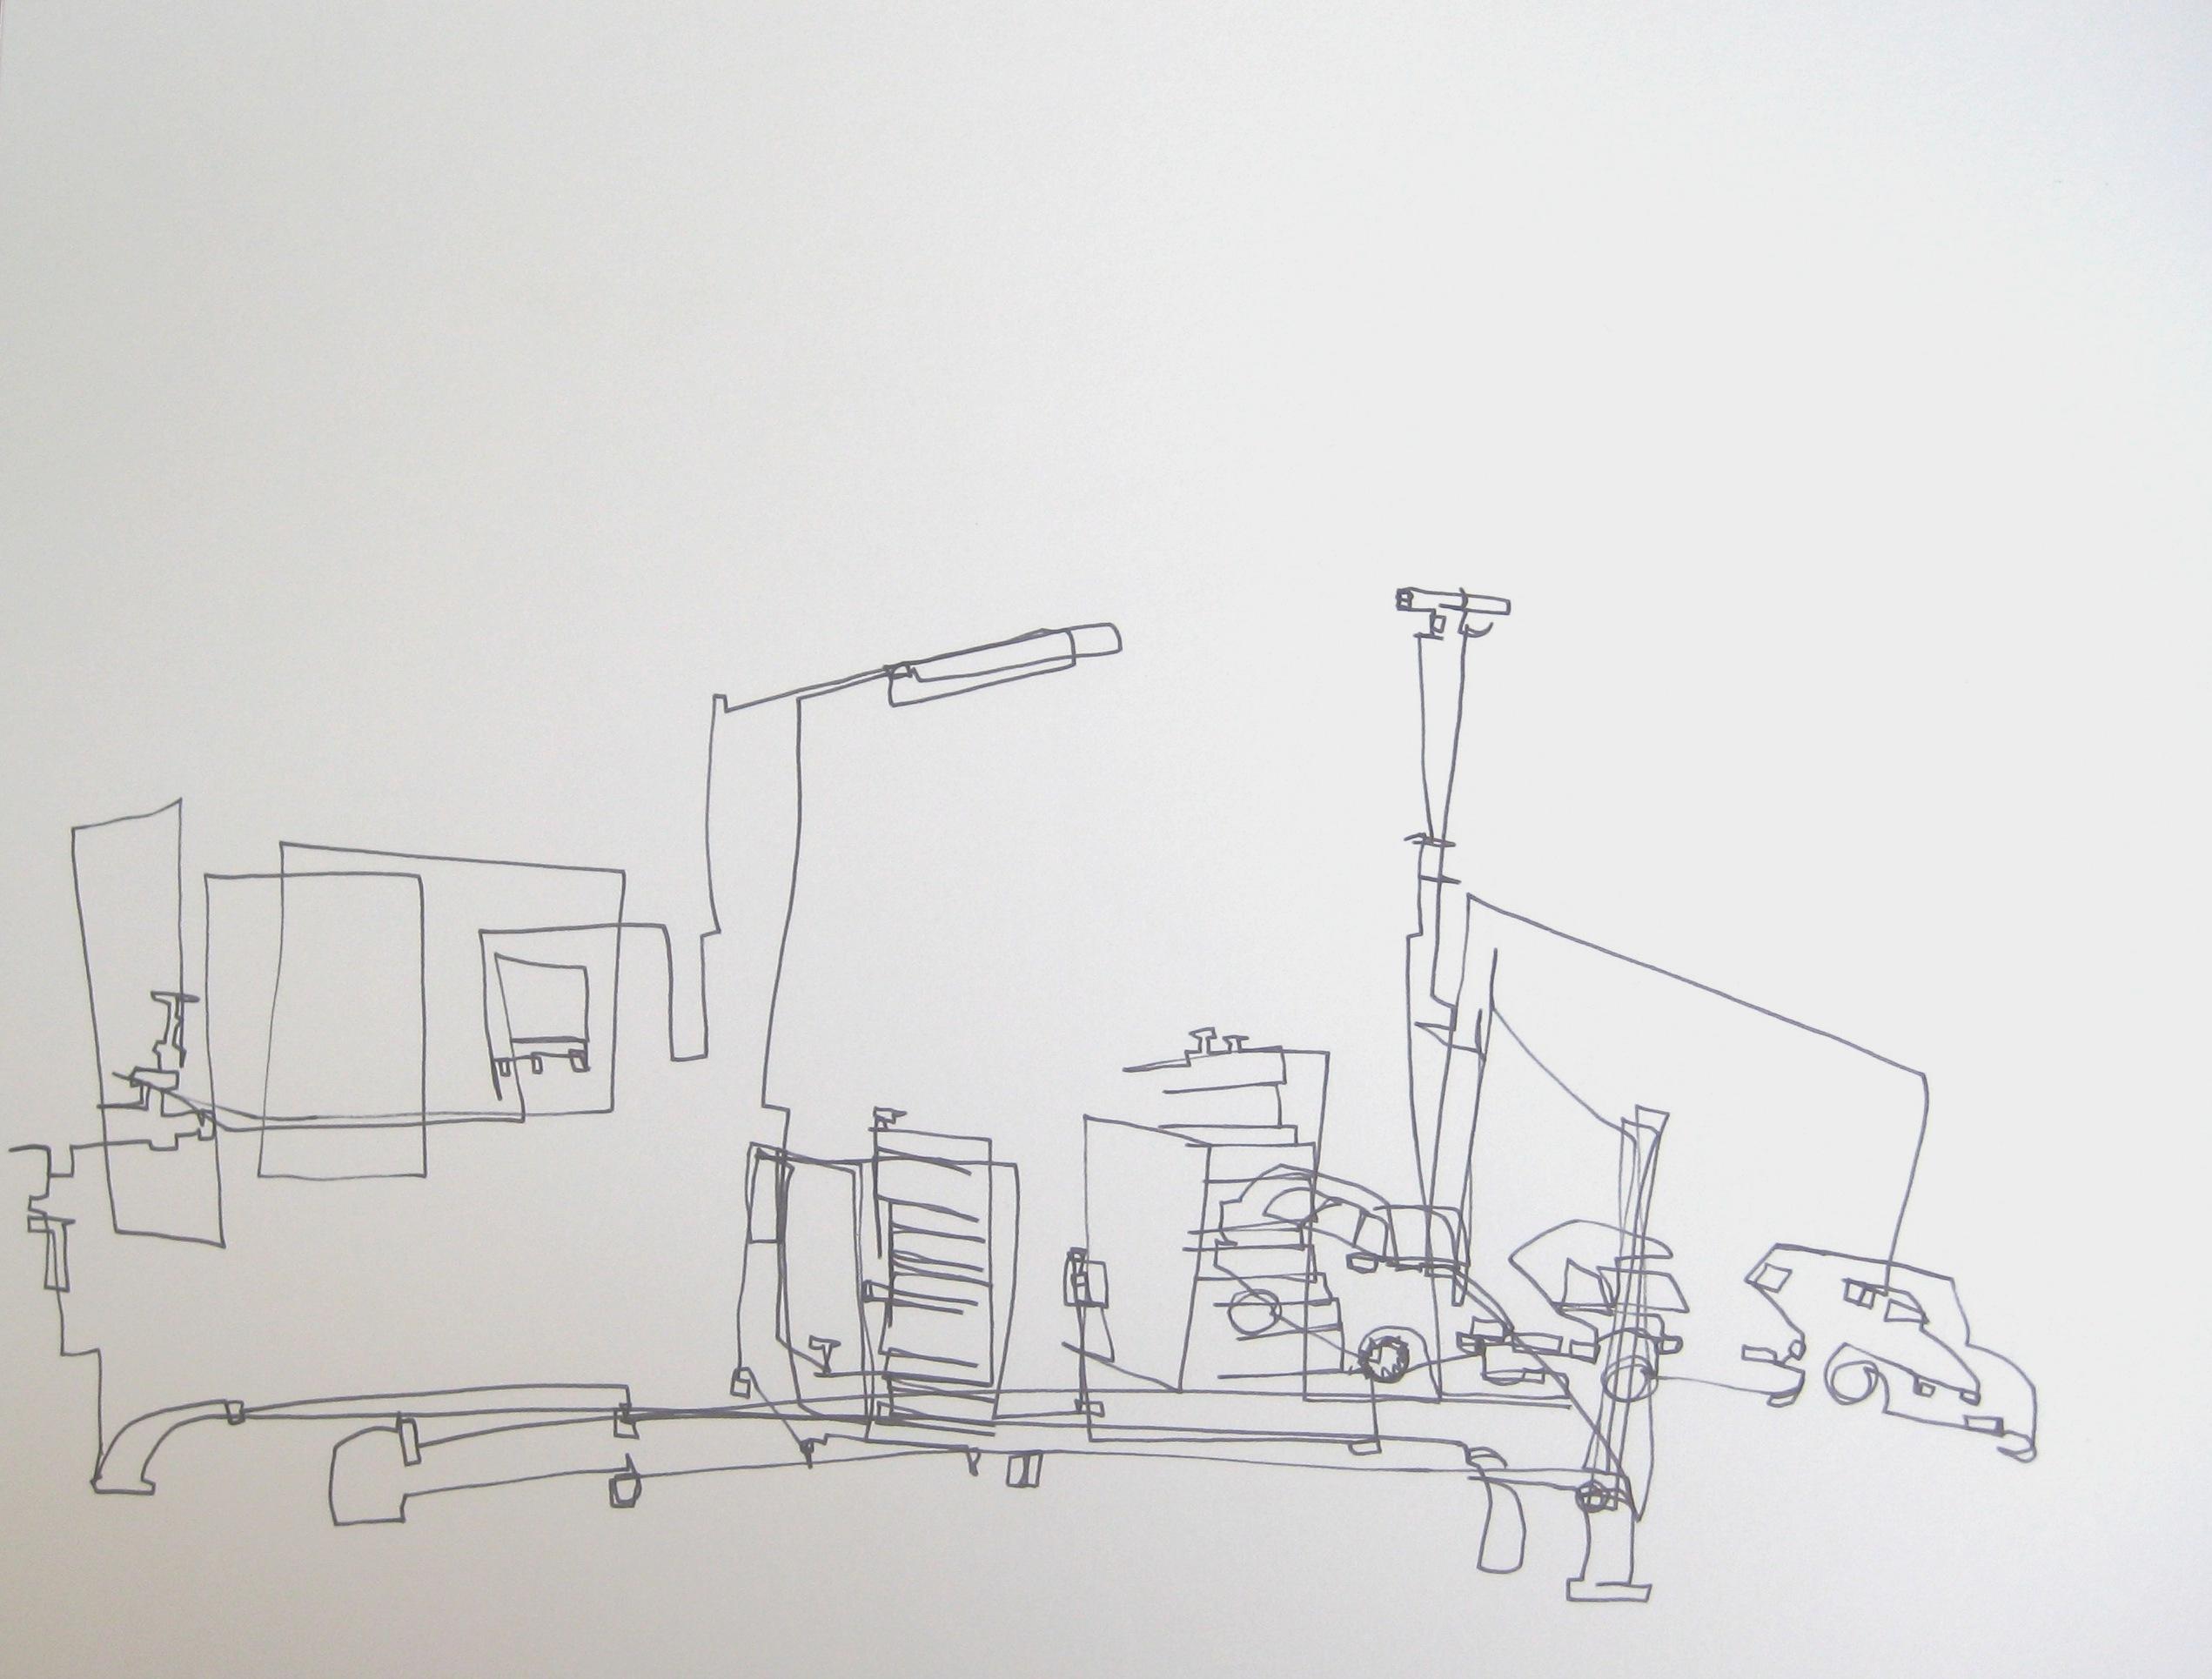 industrieterrein, 2012 1lijntekening, fineliner